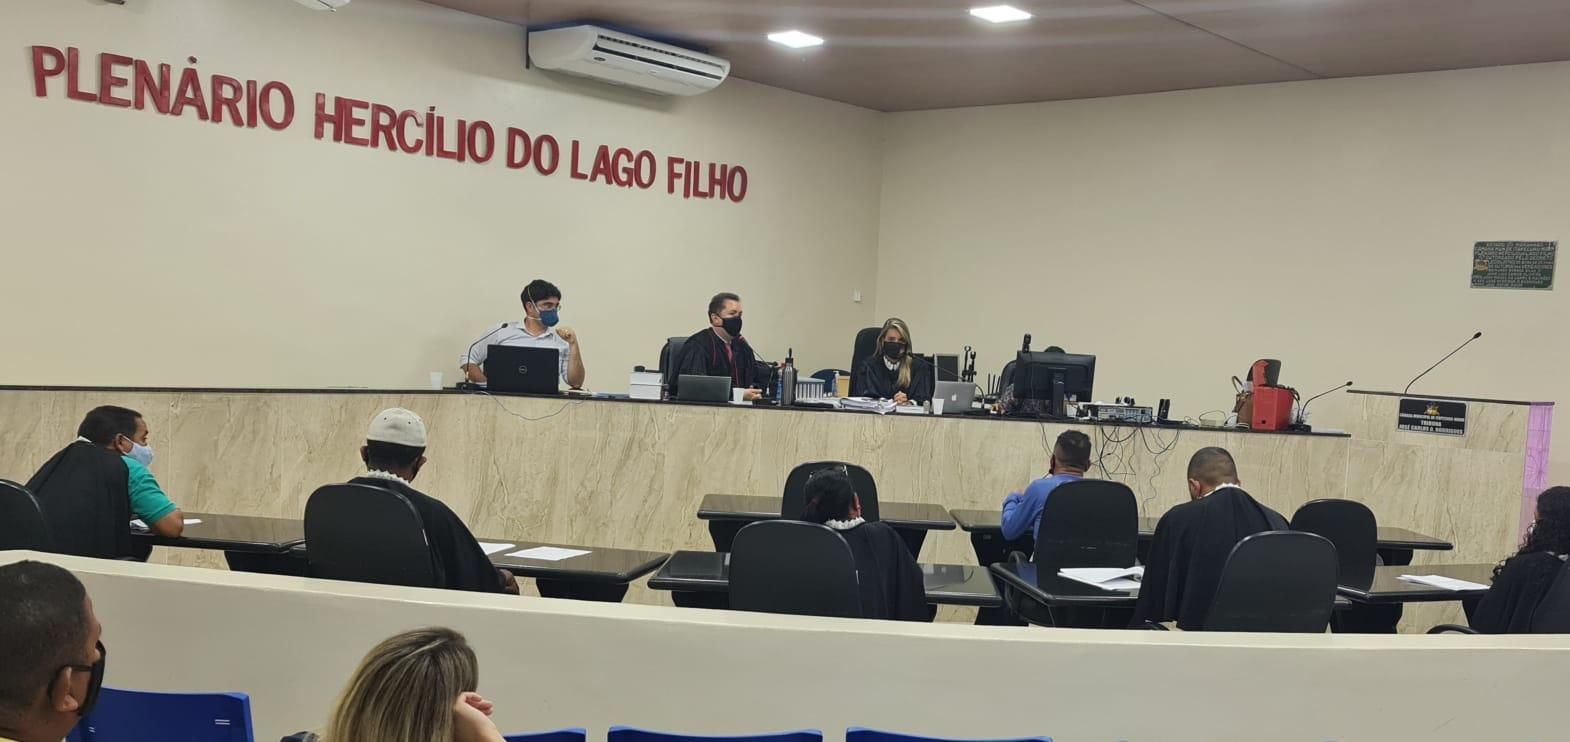 Tribunal do Júri realiza sessão com ambientação de jurados